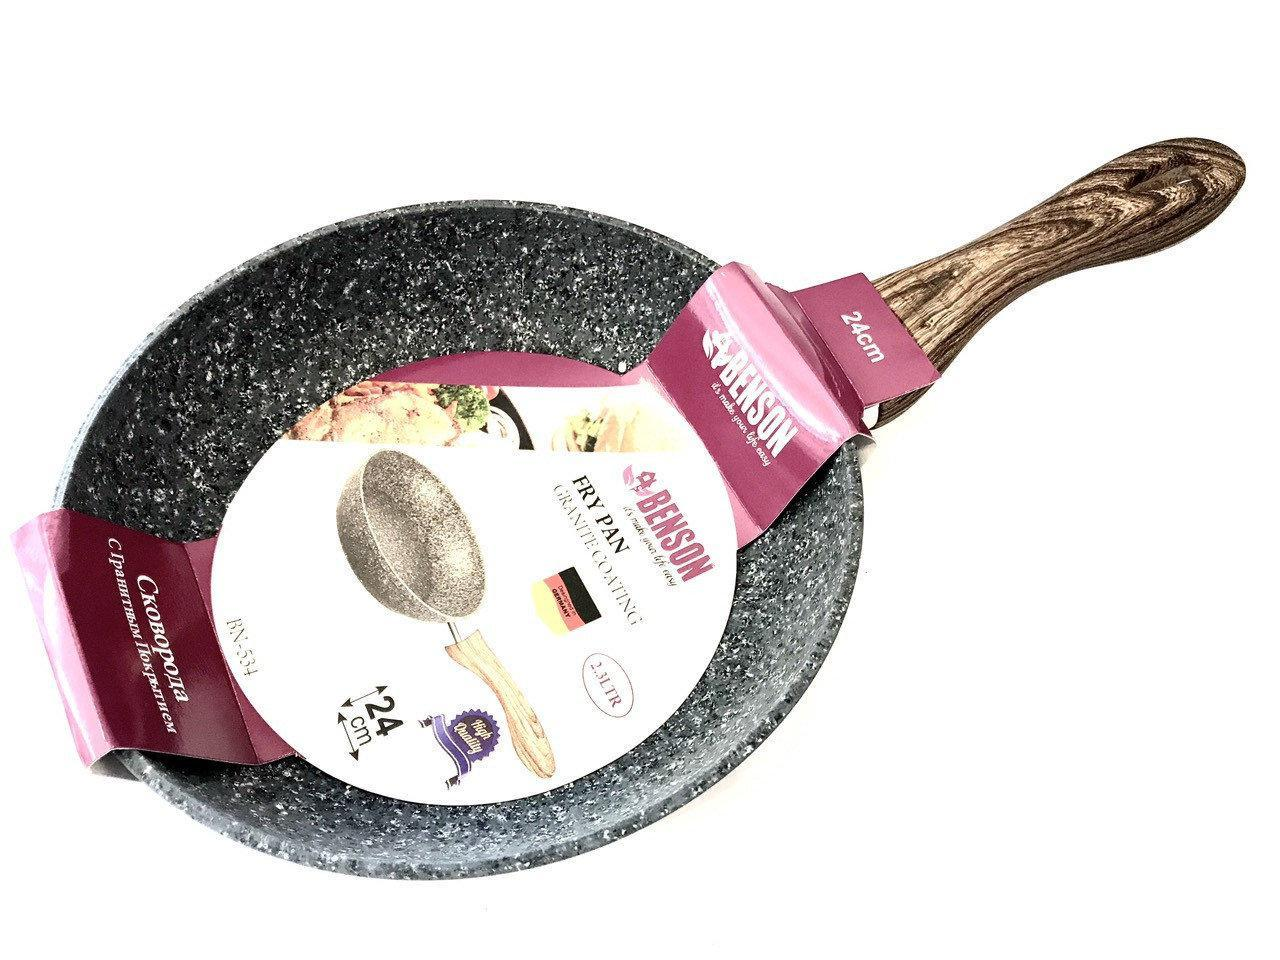 Сковородка Benson BN-536 28 см с серо-бело-черным гранитным покрытием